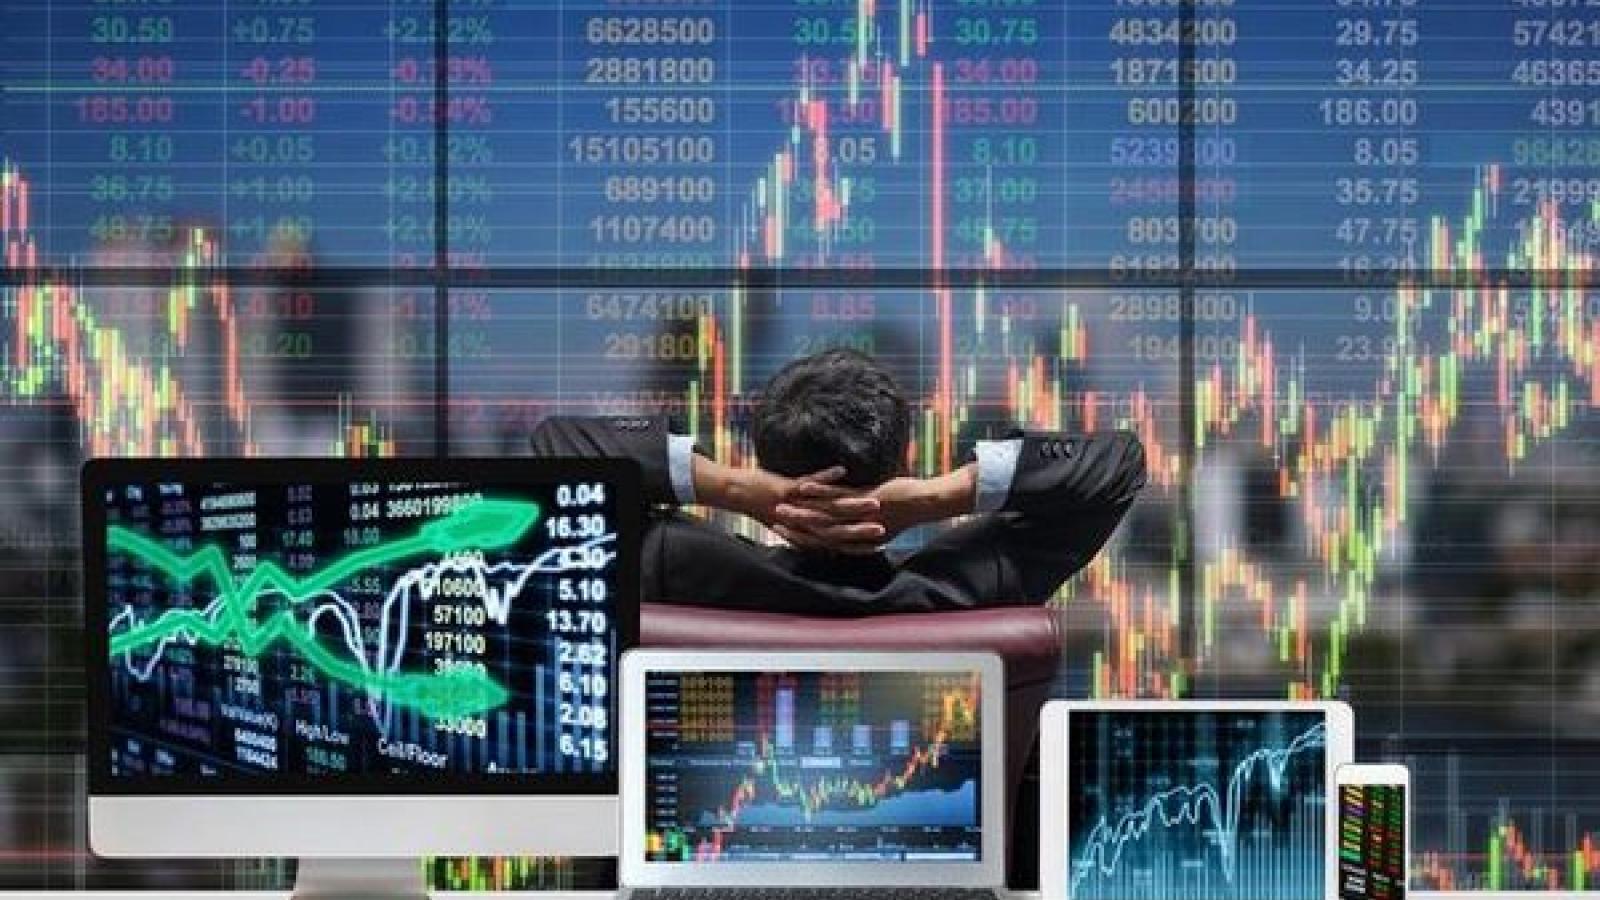 Hơn 57.000 nhà đầu tư cá nhân mở tài khoản chứng khoán trong tháng 2